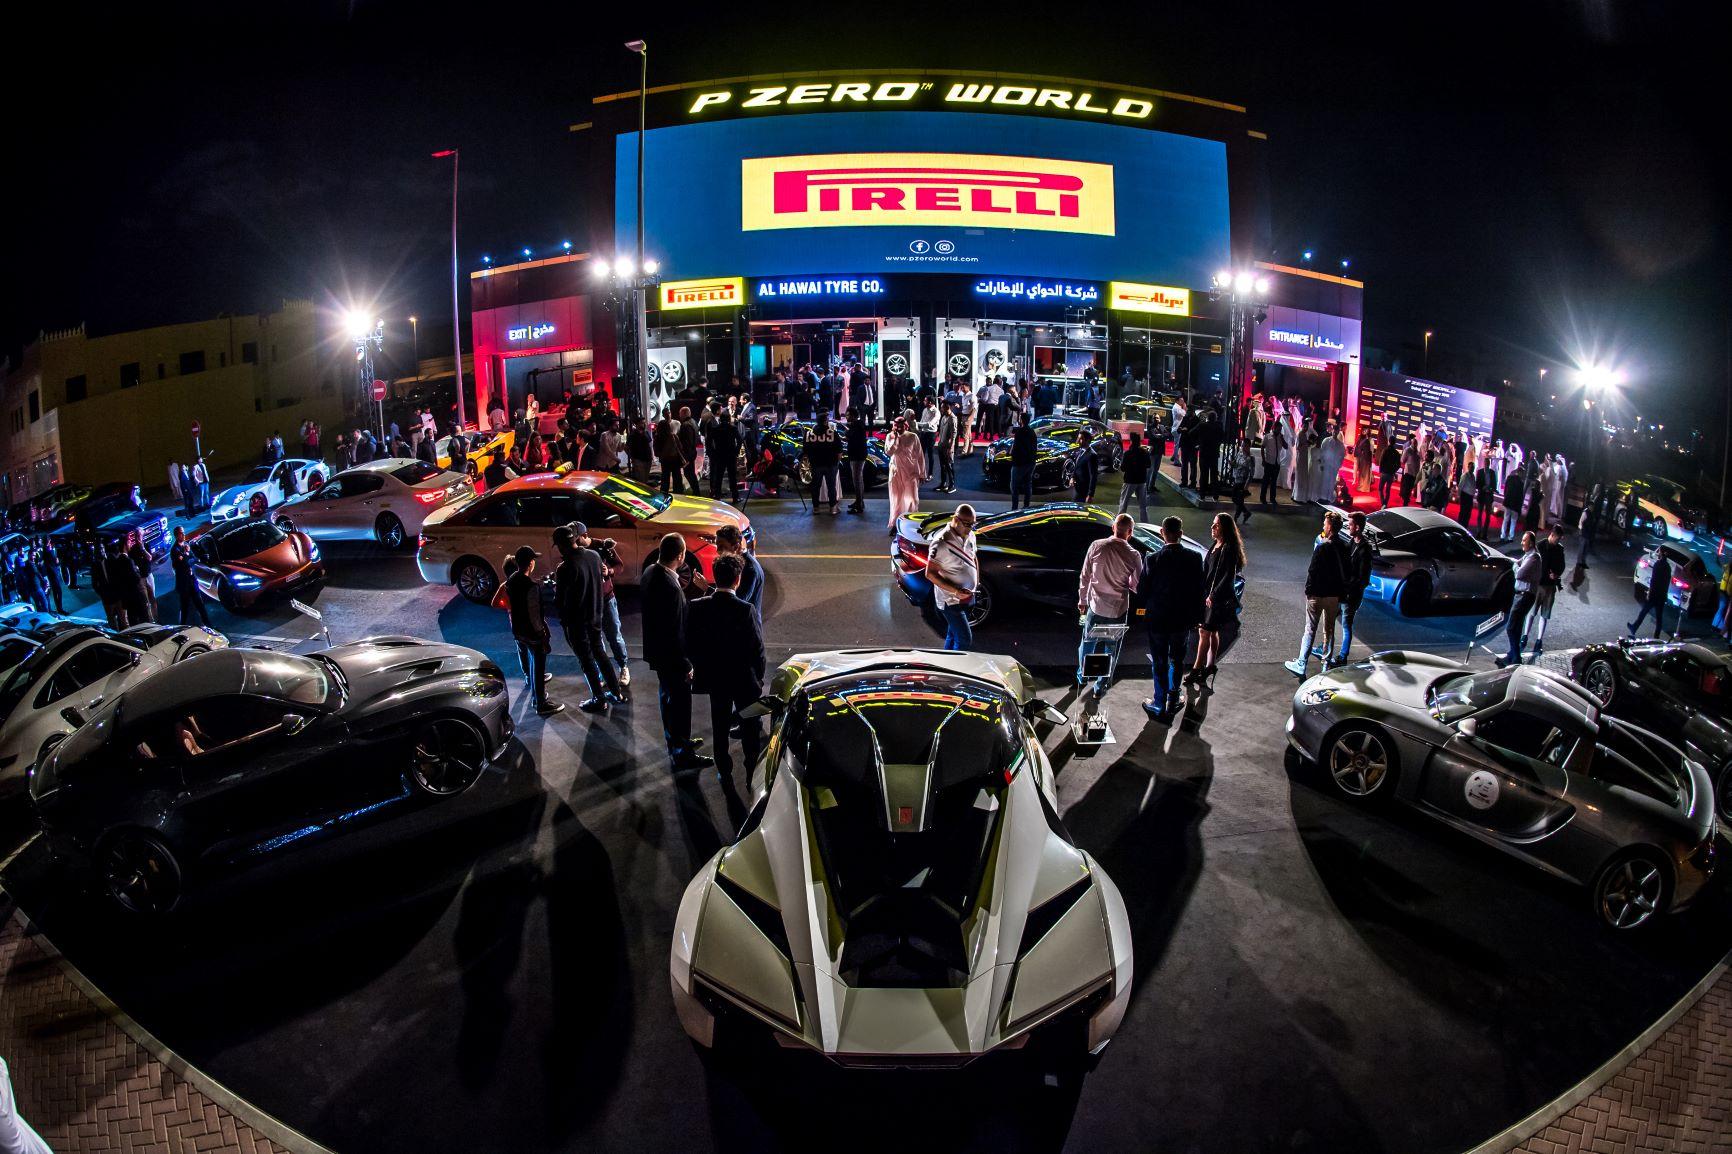 倍耐力P ZERO WORLD登陆迪拜 全球第四家品牌体验中心亮相第三个大陆